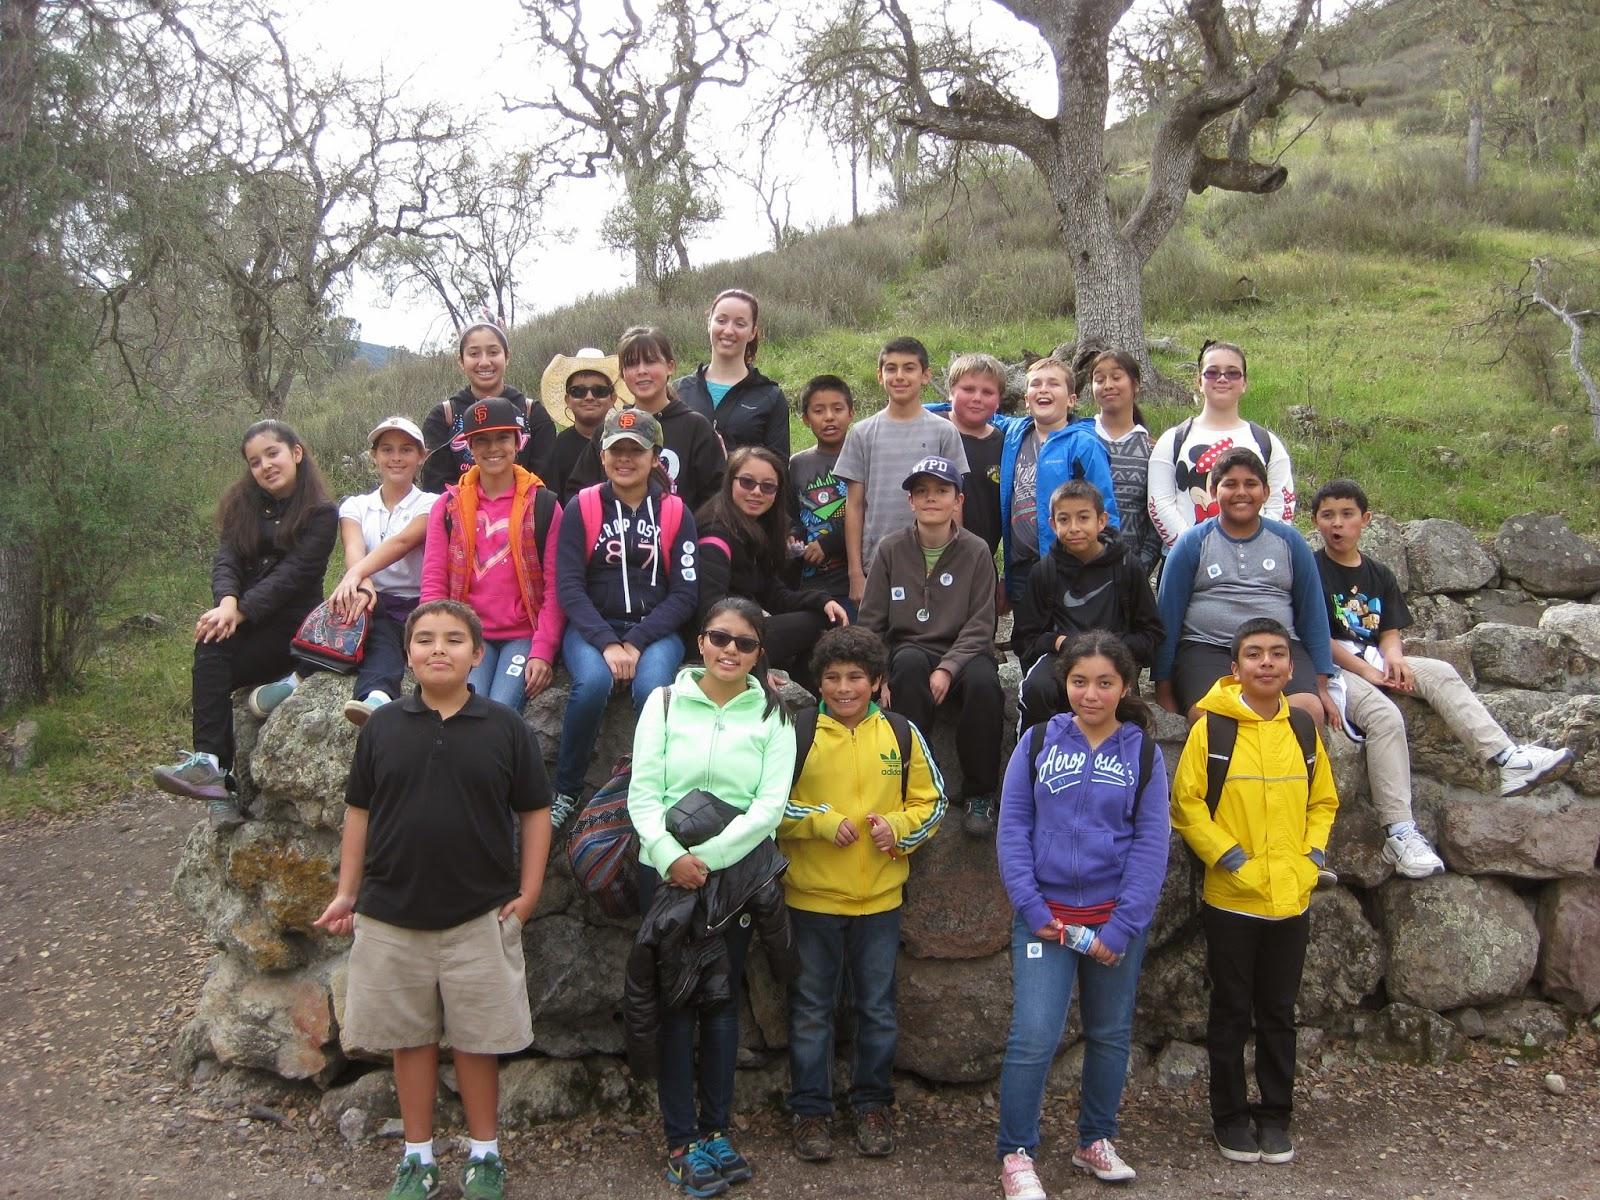 El Excursion Parque Nacional De on 2015 02 12 Archive